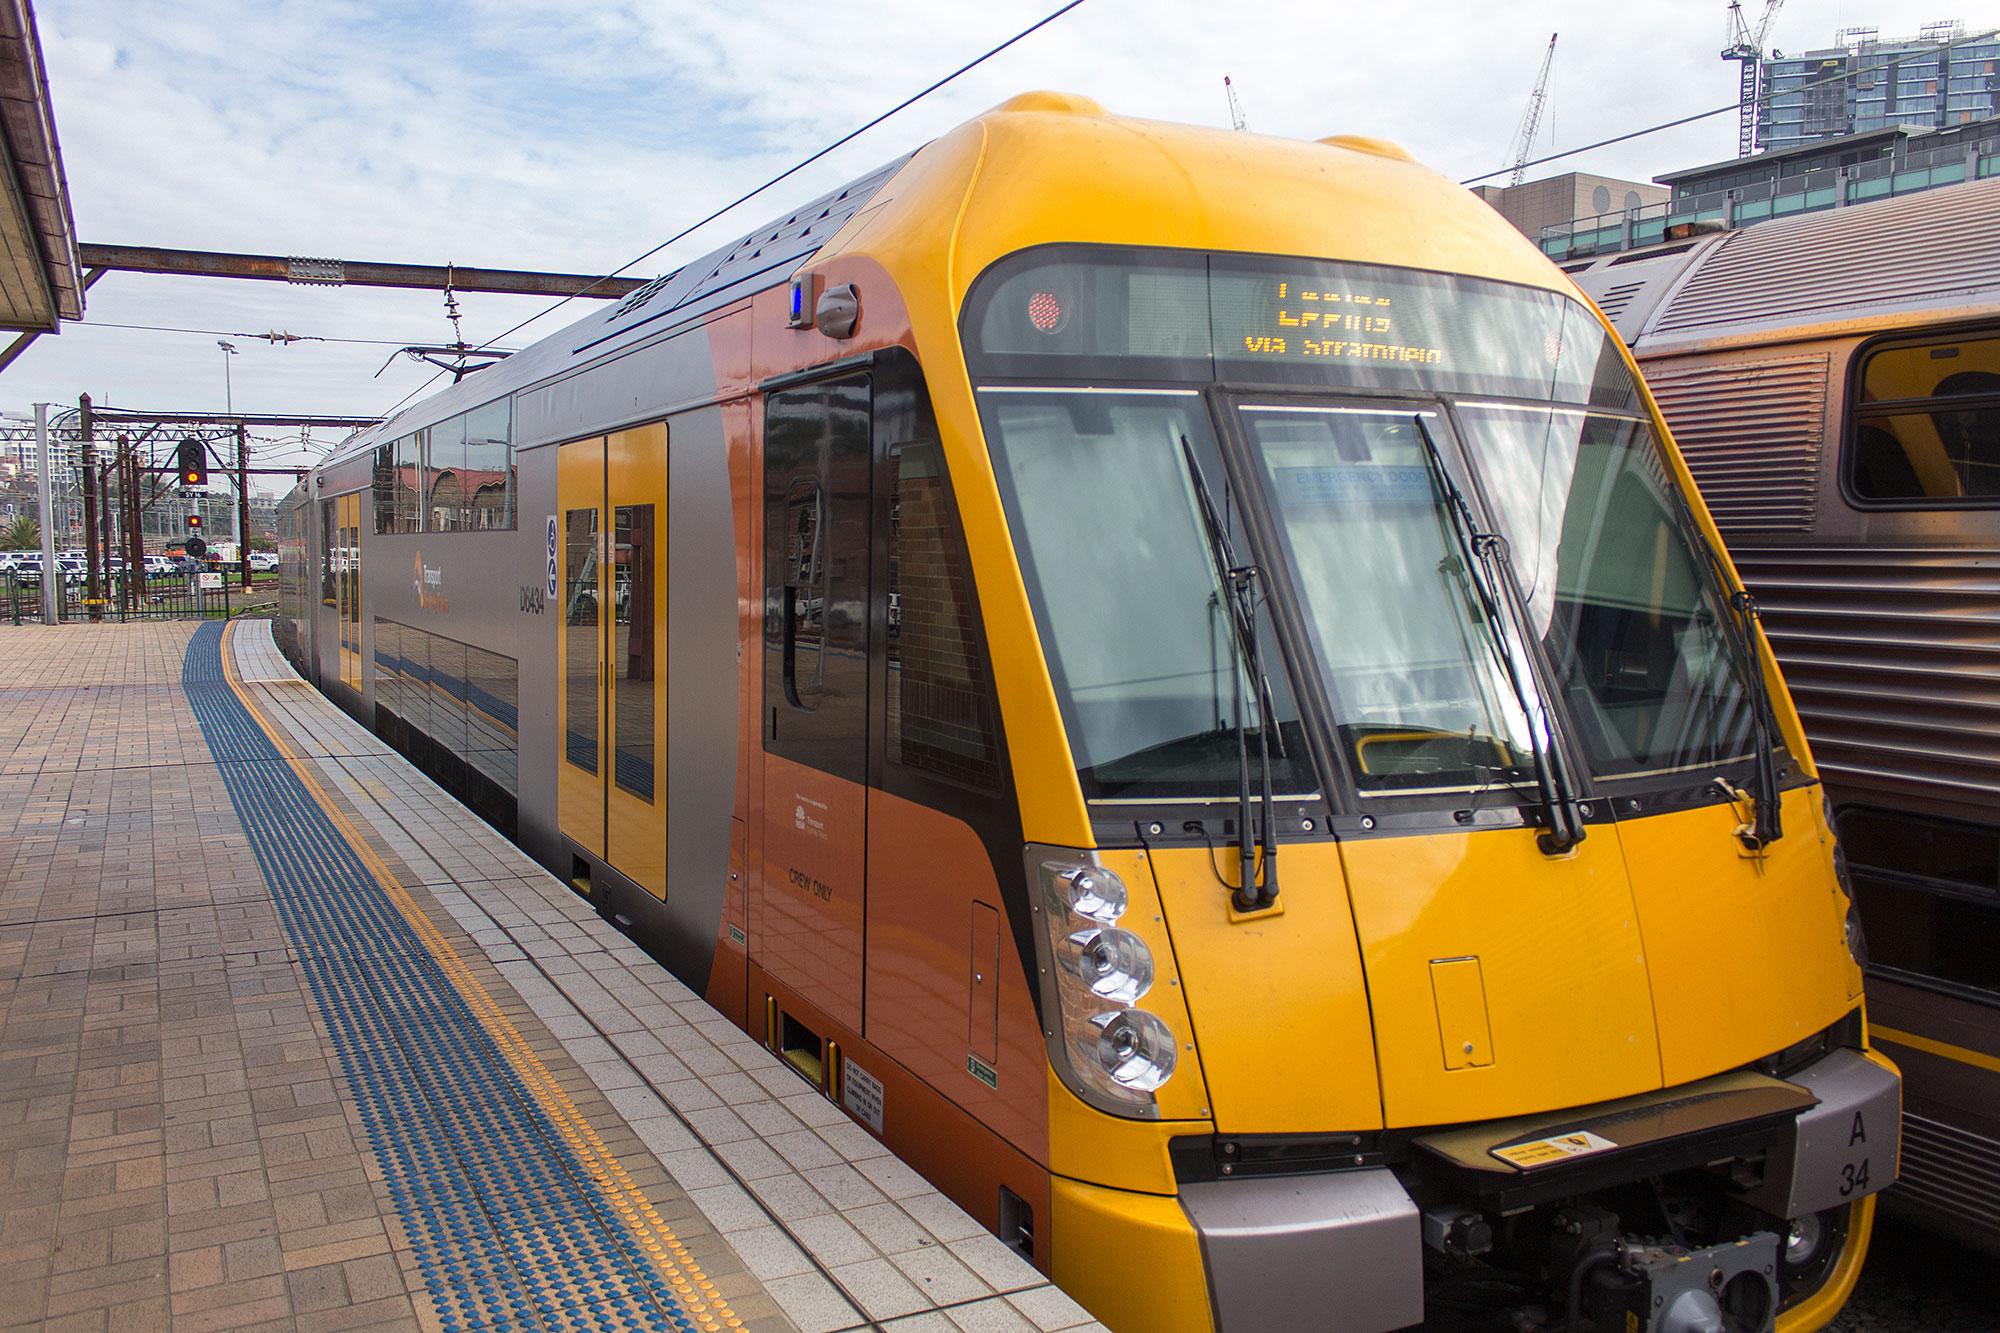 como é viver na austrália - transporte 01